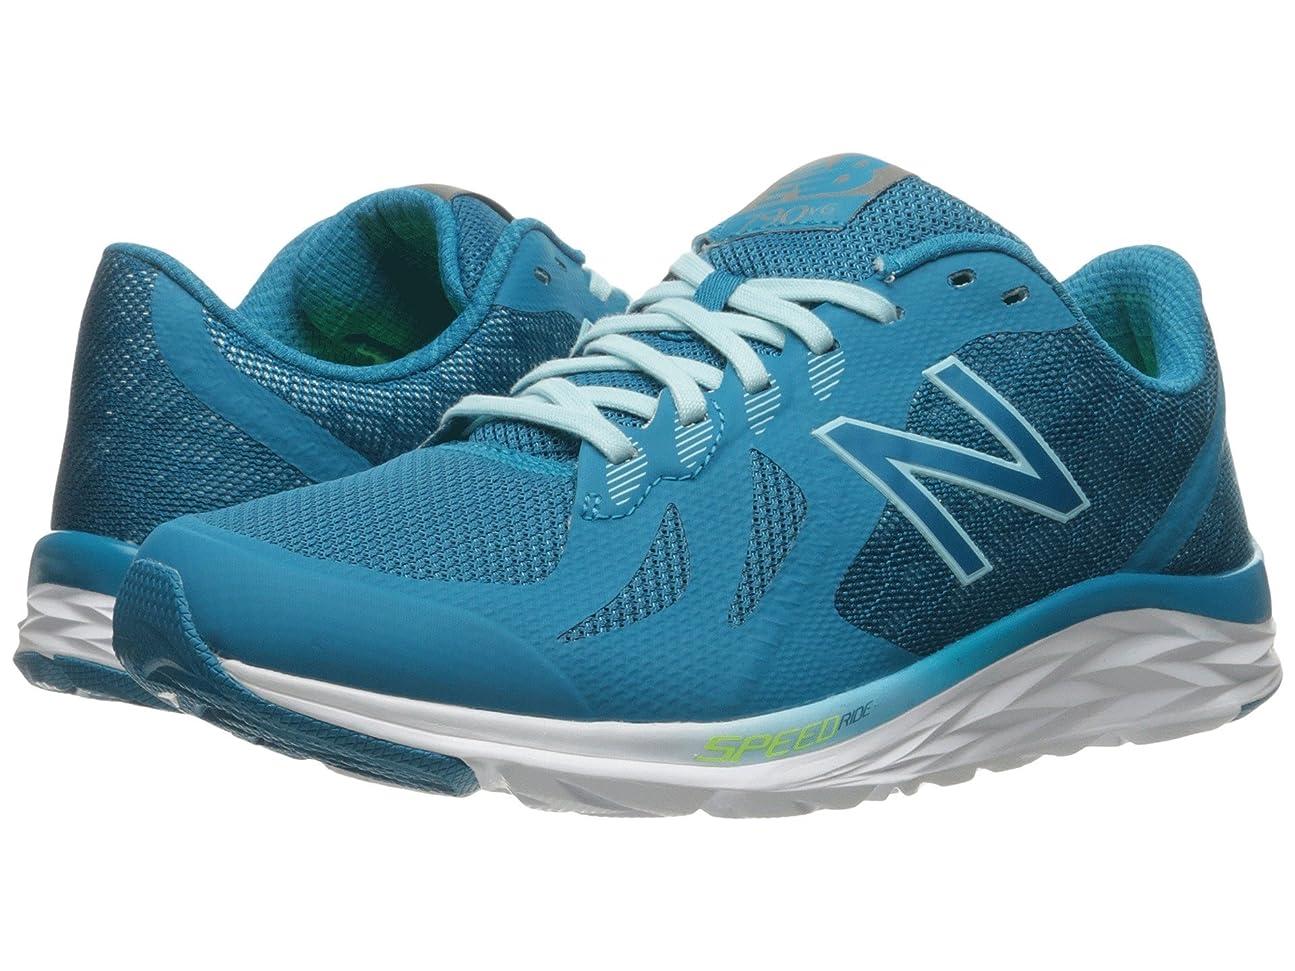 無意味散歩に行く歩行者(ニューバランス) New Balance レディースランニングシューズ?スニーカー?靴 790v6 Deep Ozone Blue/Ozone Blue Glo/Lime Glo 5 (22cm) B - Medium